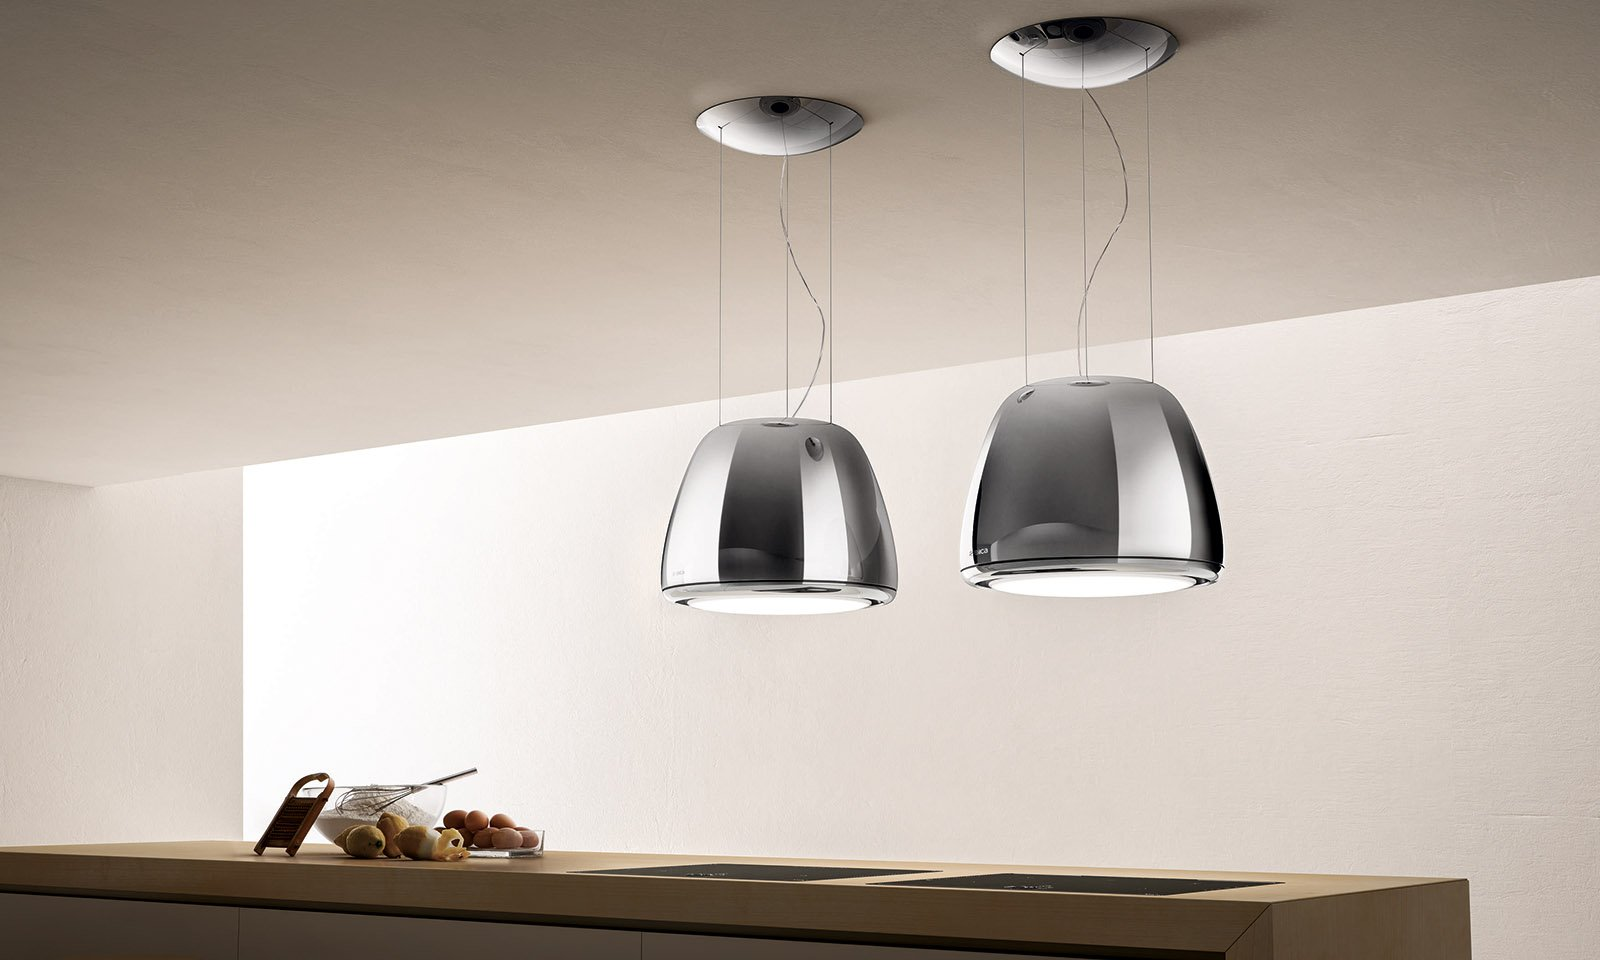 Cucina la luce nel punto giusto cose di casa - Lampade a led per cucina ...